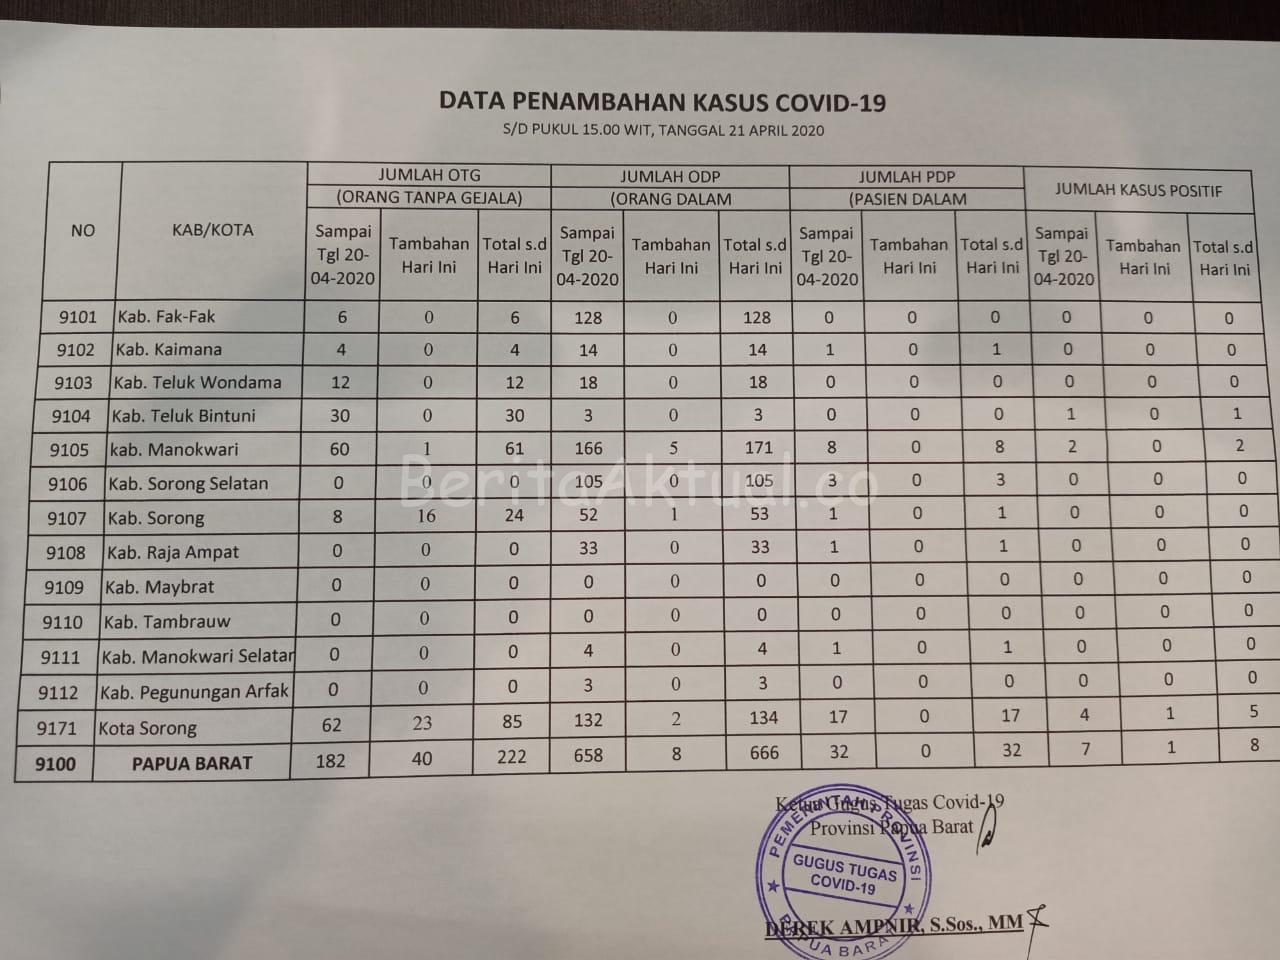 OTG di Papua Barat Per 21 April Bertambah 40 Orang 4 IMG 20200421 WA0070